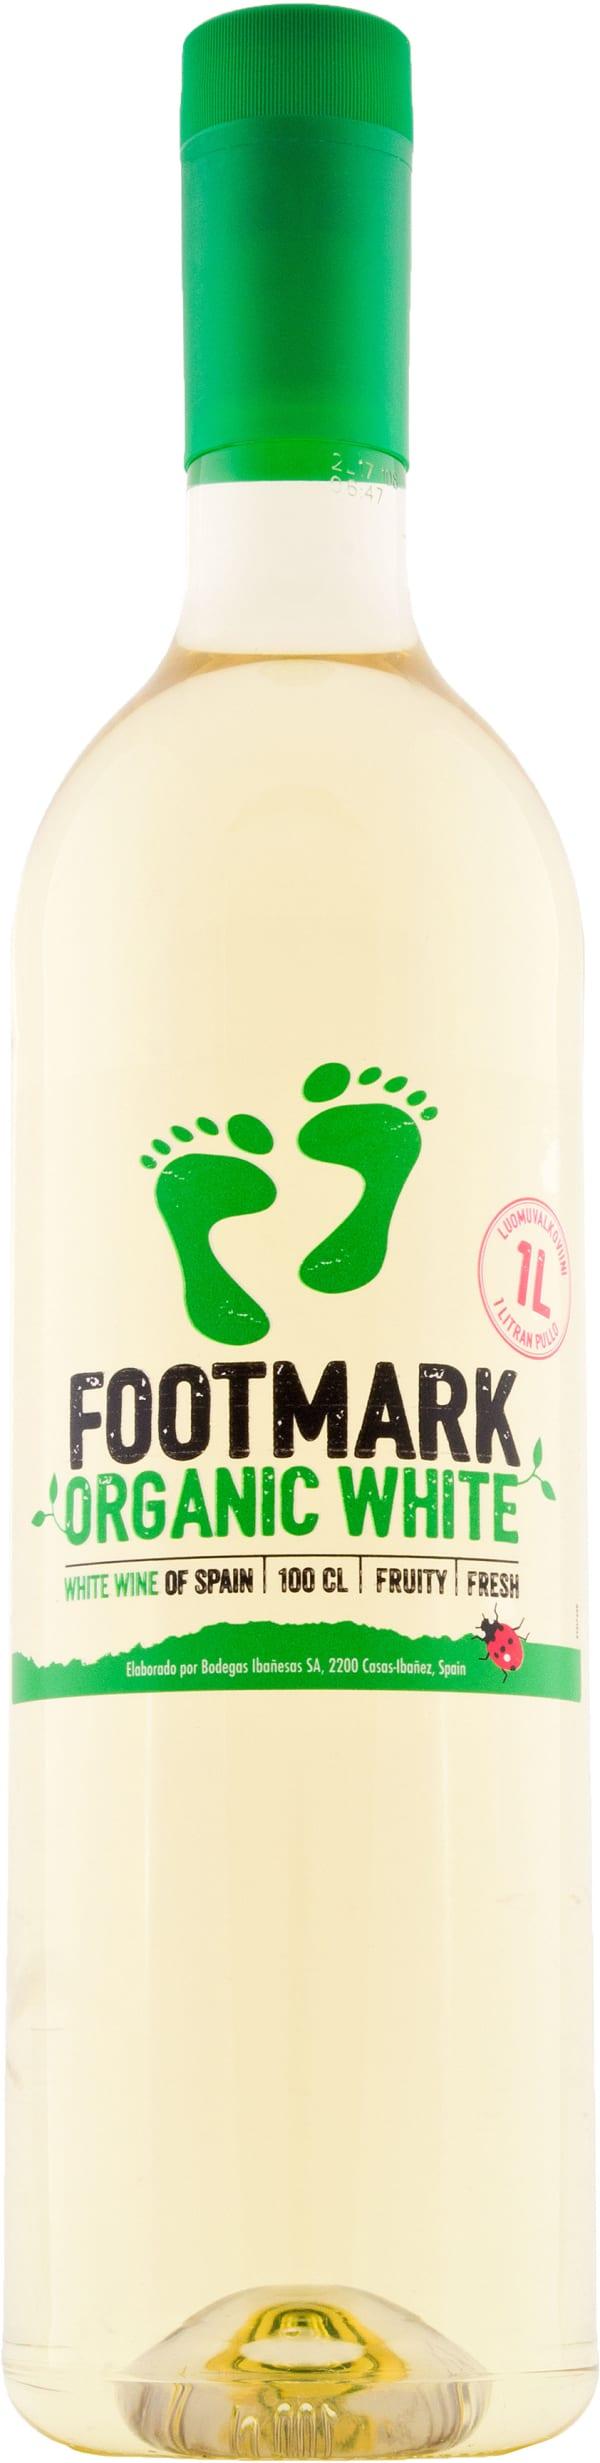 Footmark White Organic 2016 plastflaska